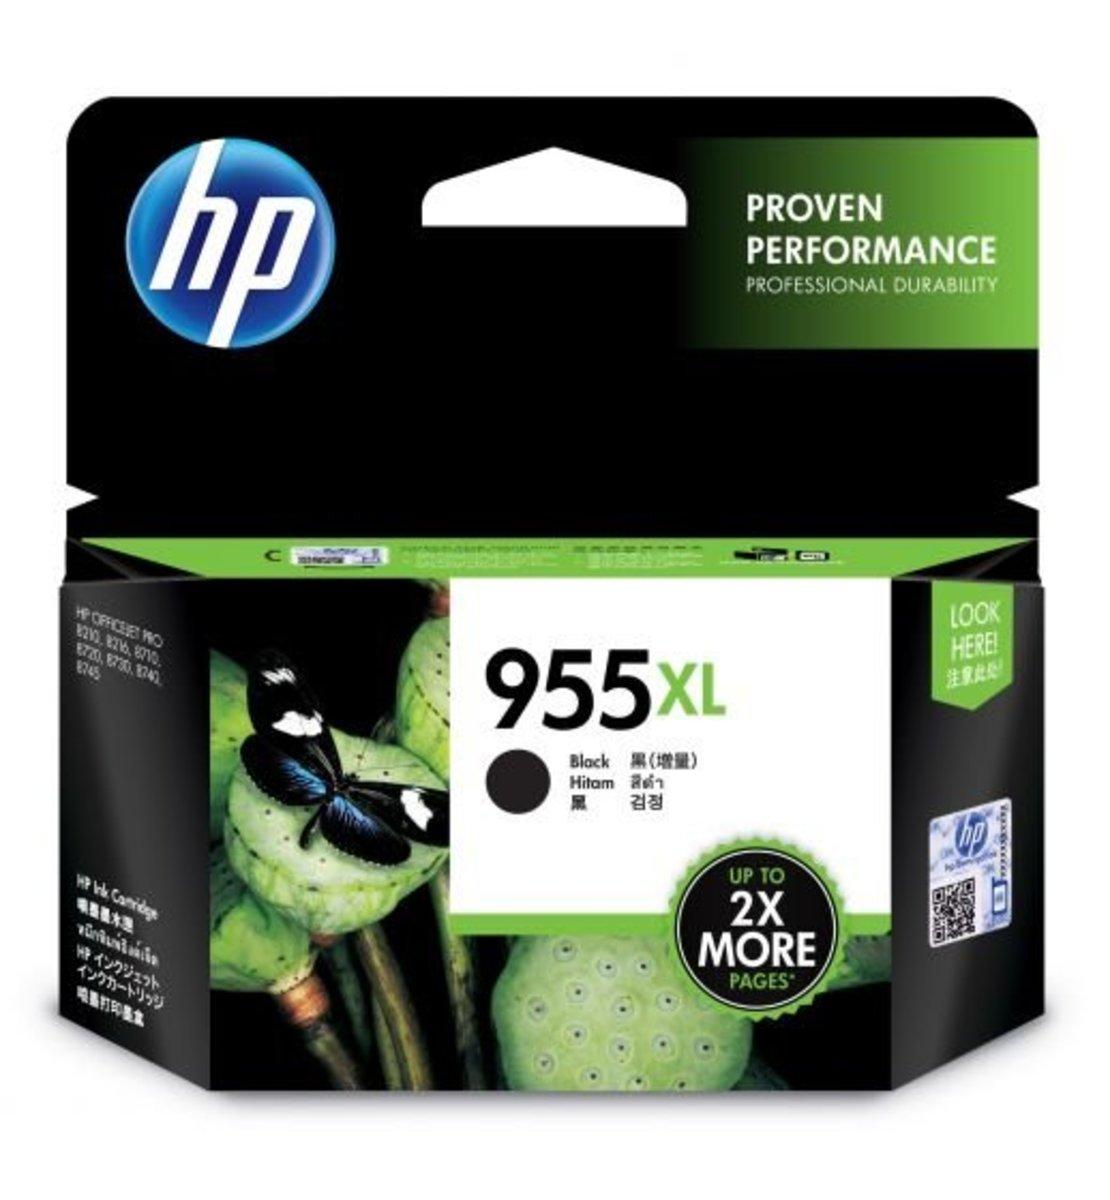 HP 955XL 高打印量黑色原廠墨水盒 (Black)